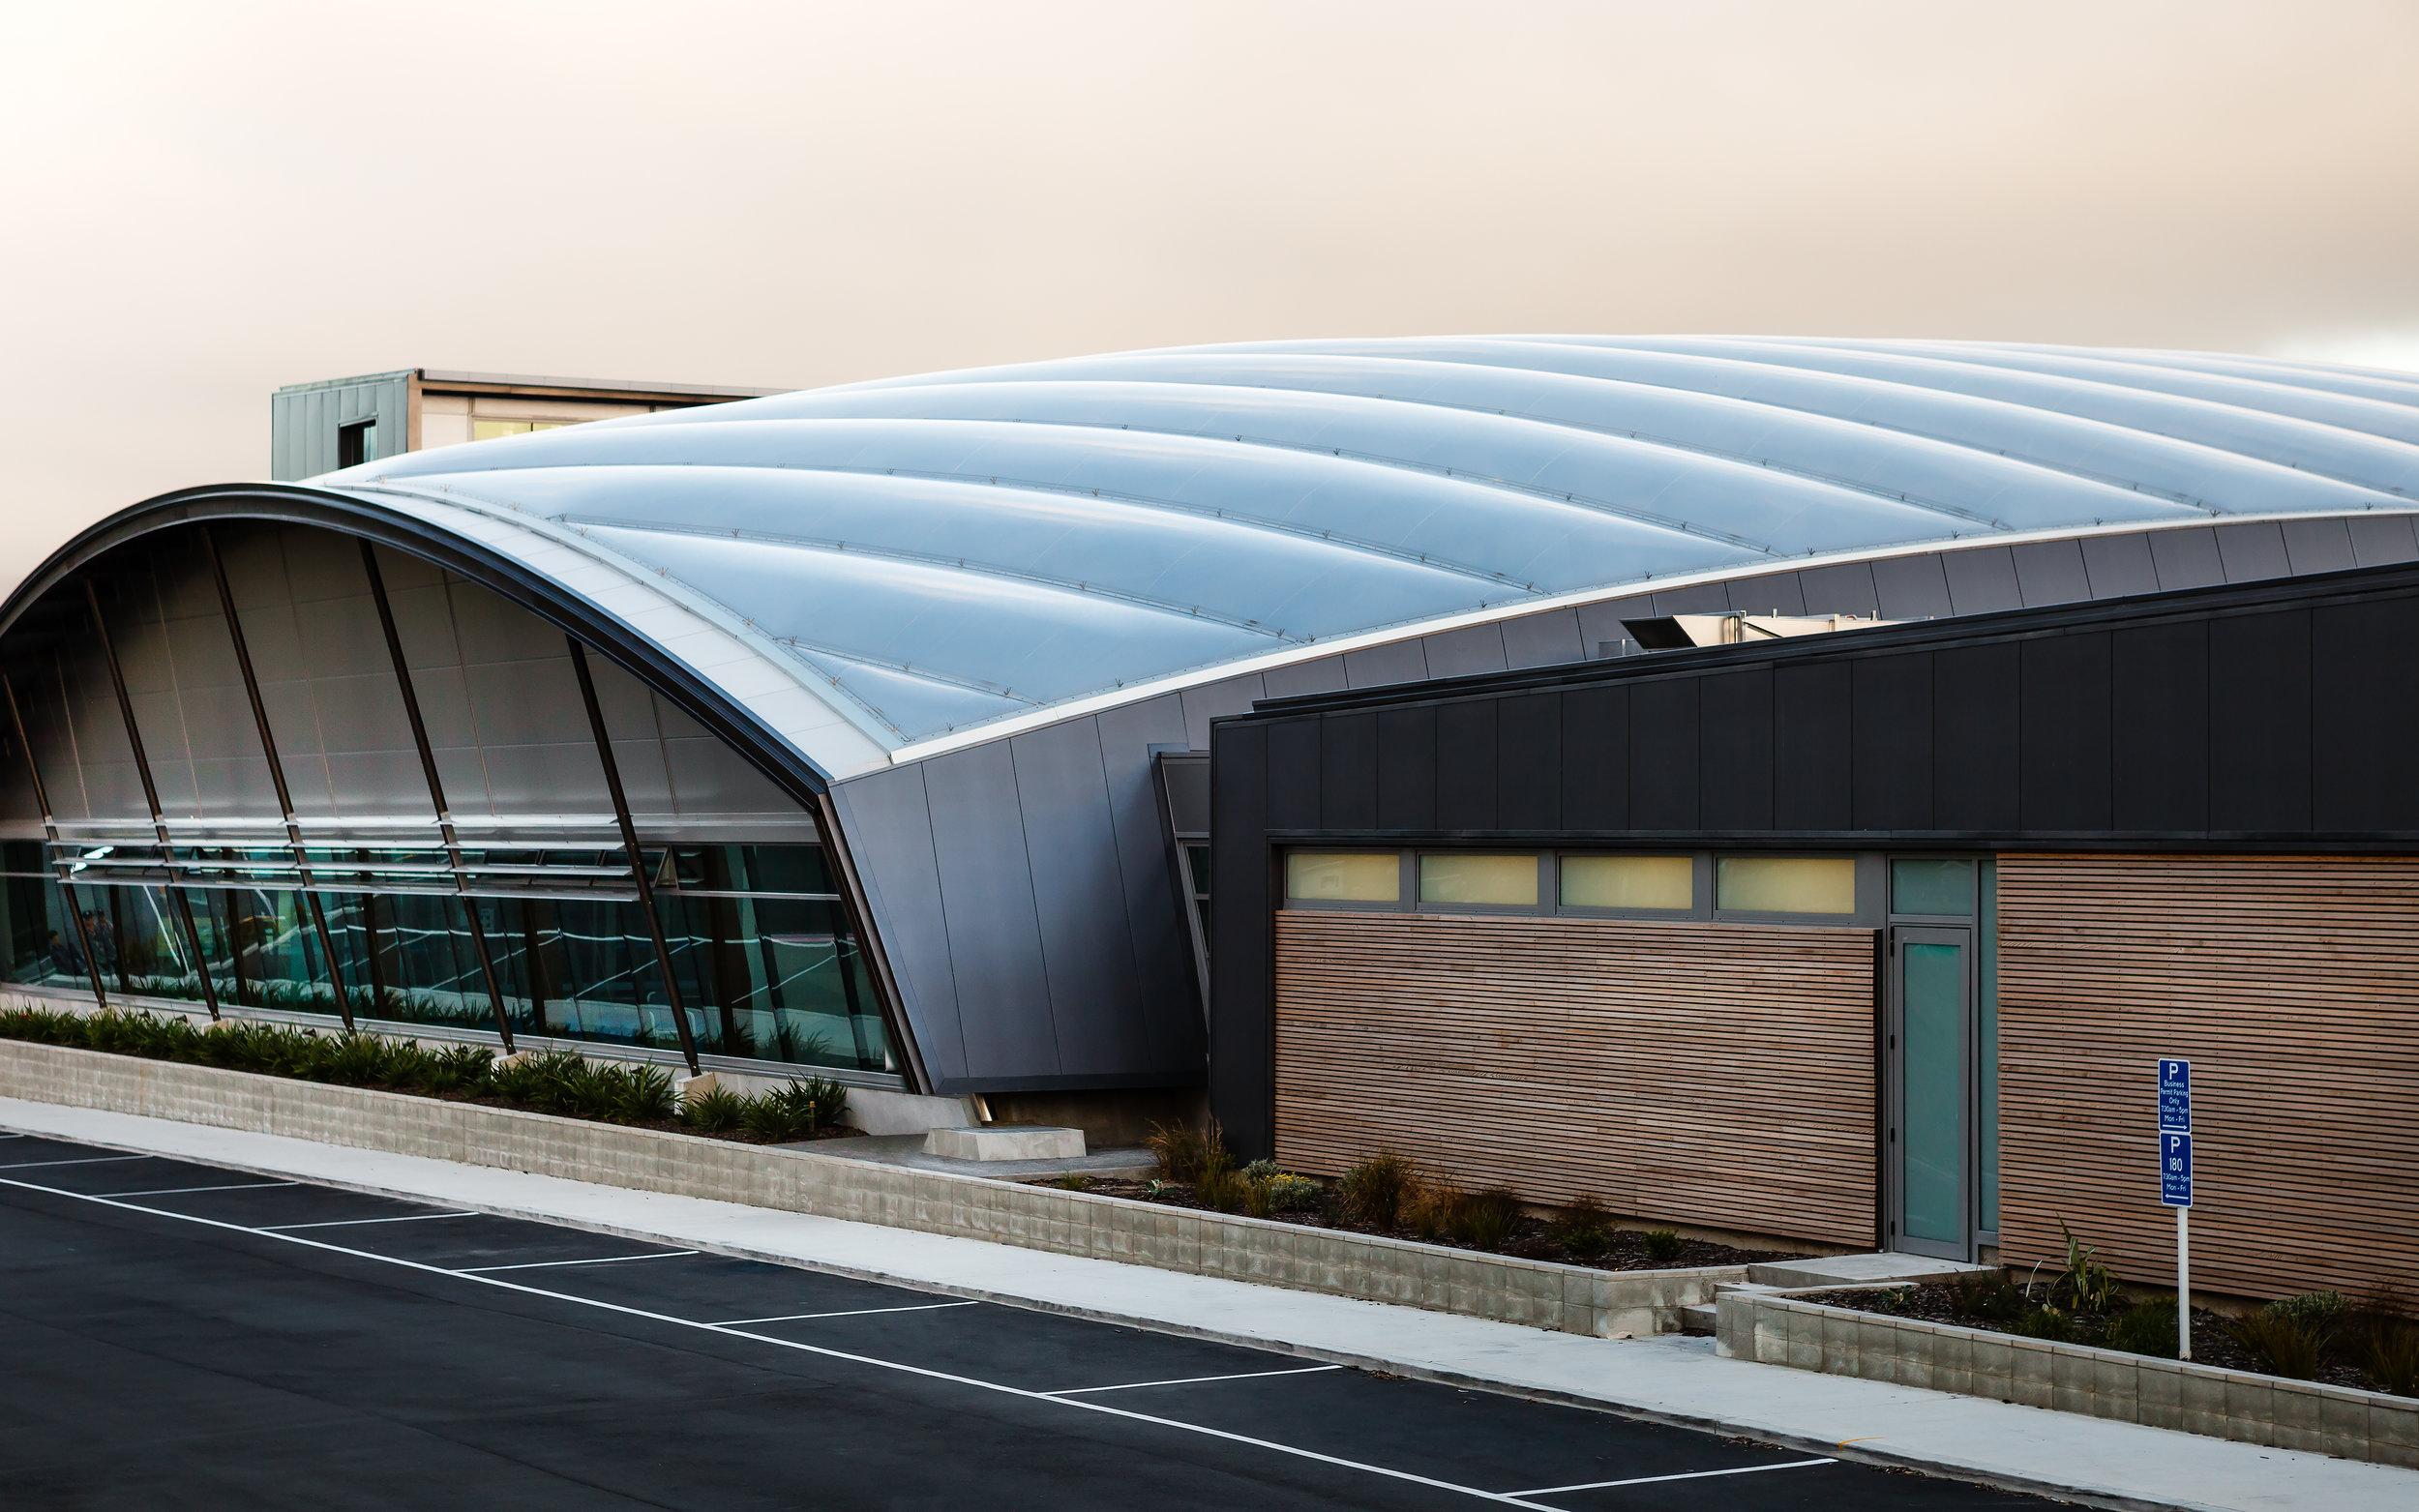 Coastlands Aquatic Centre